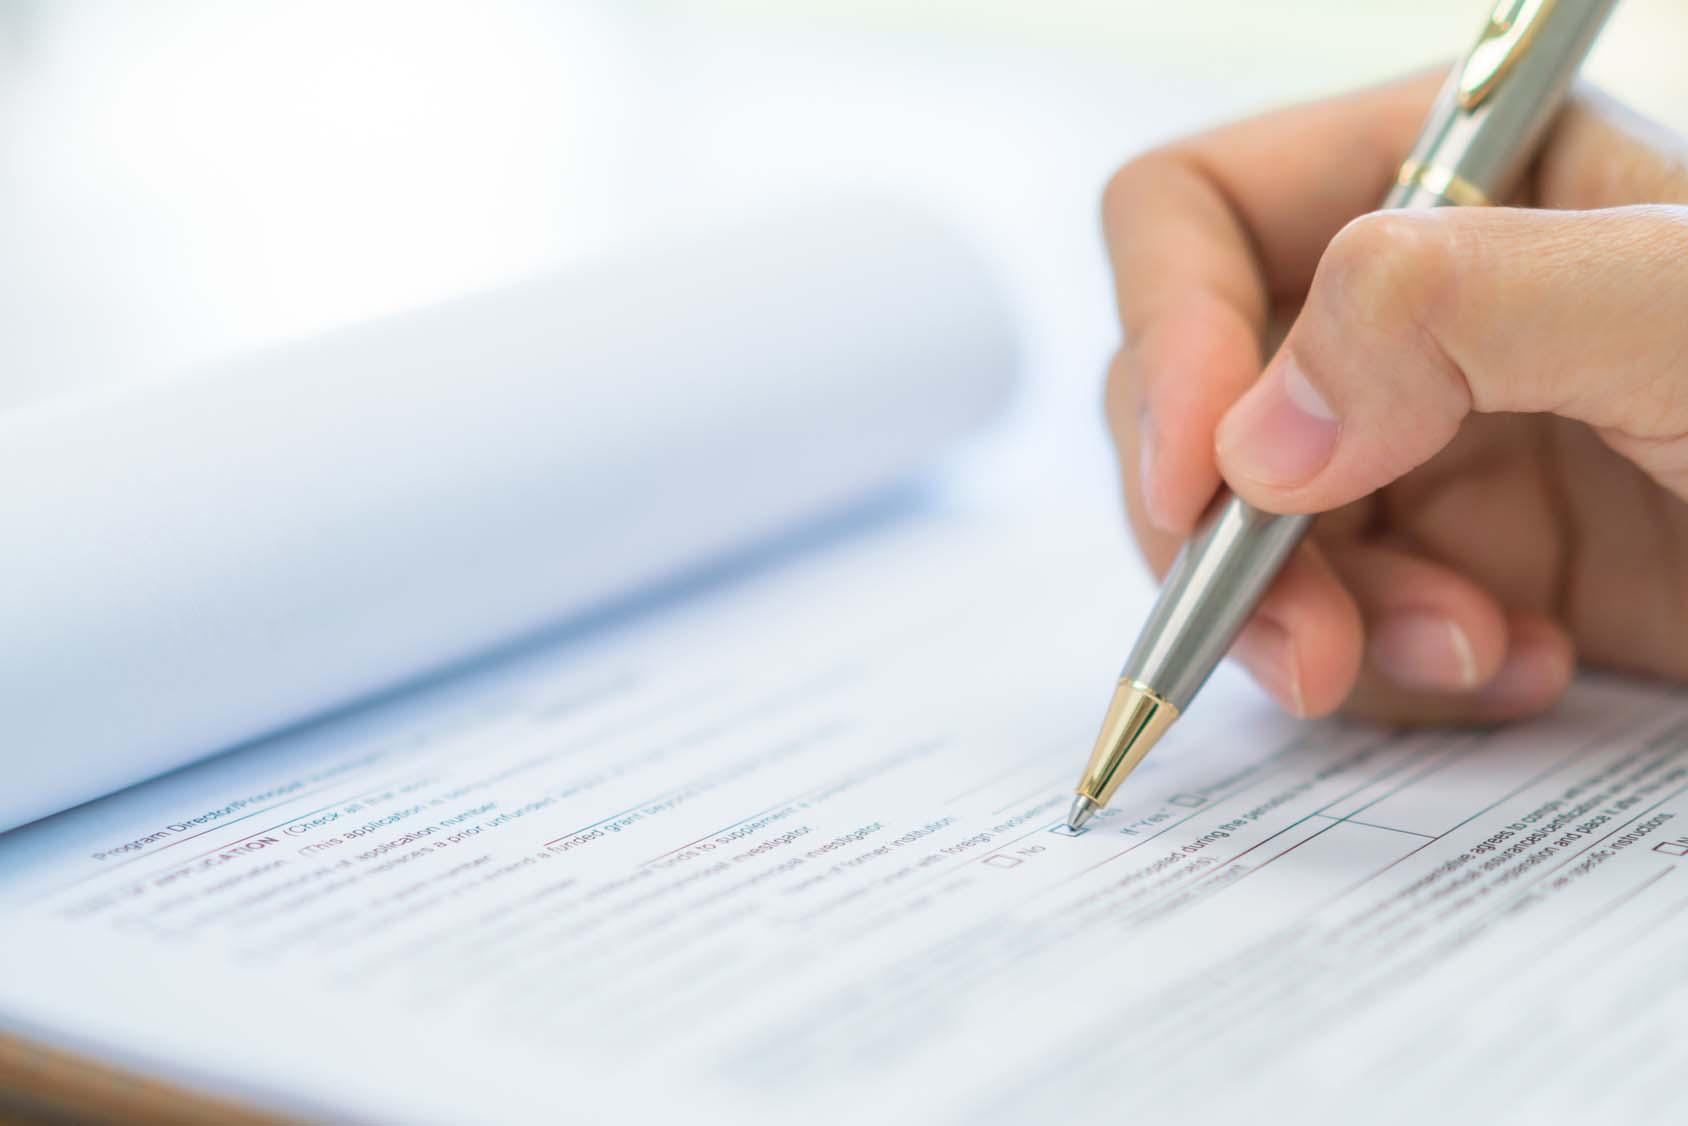 So gestalten Sie Ihren Aufnahmeantrag 2018 rechtssicher und datenschutzrechtlich korrekt